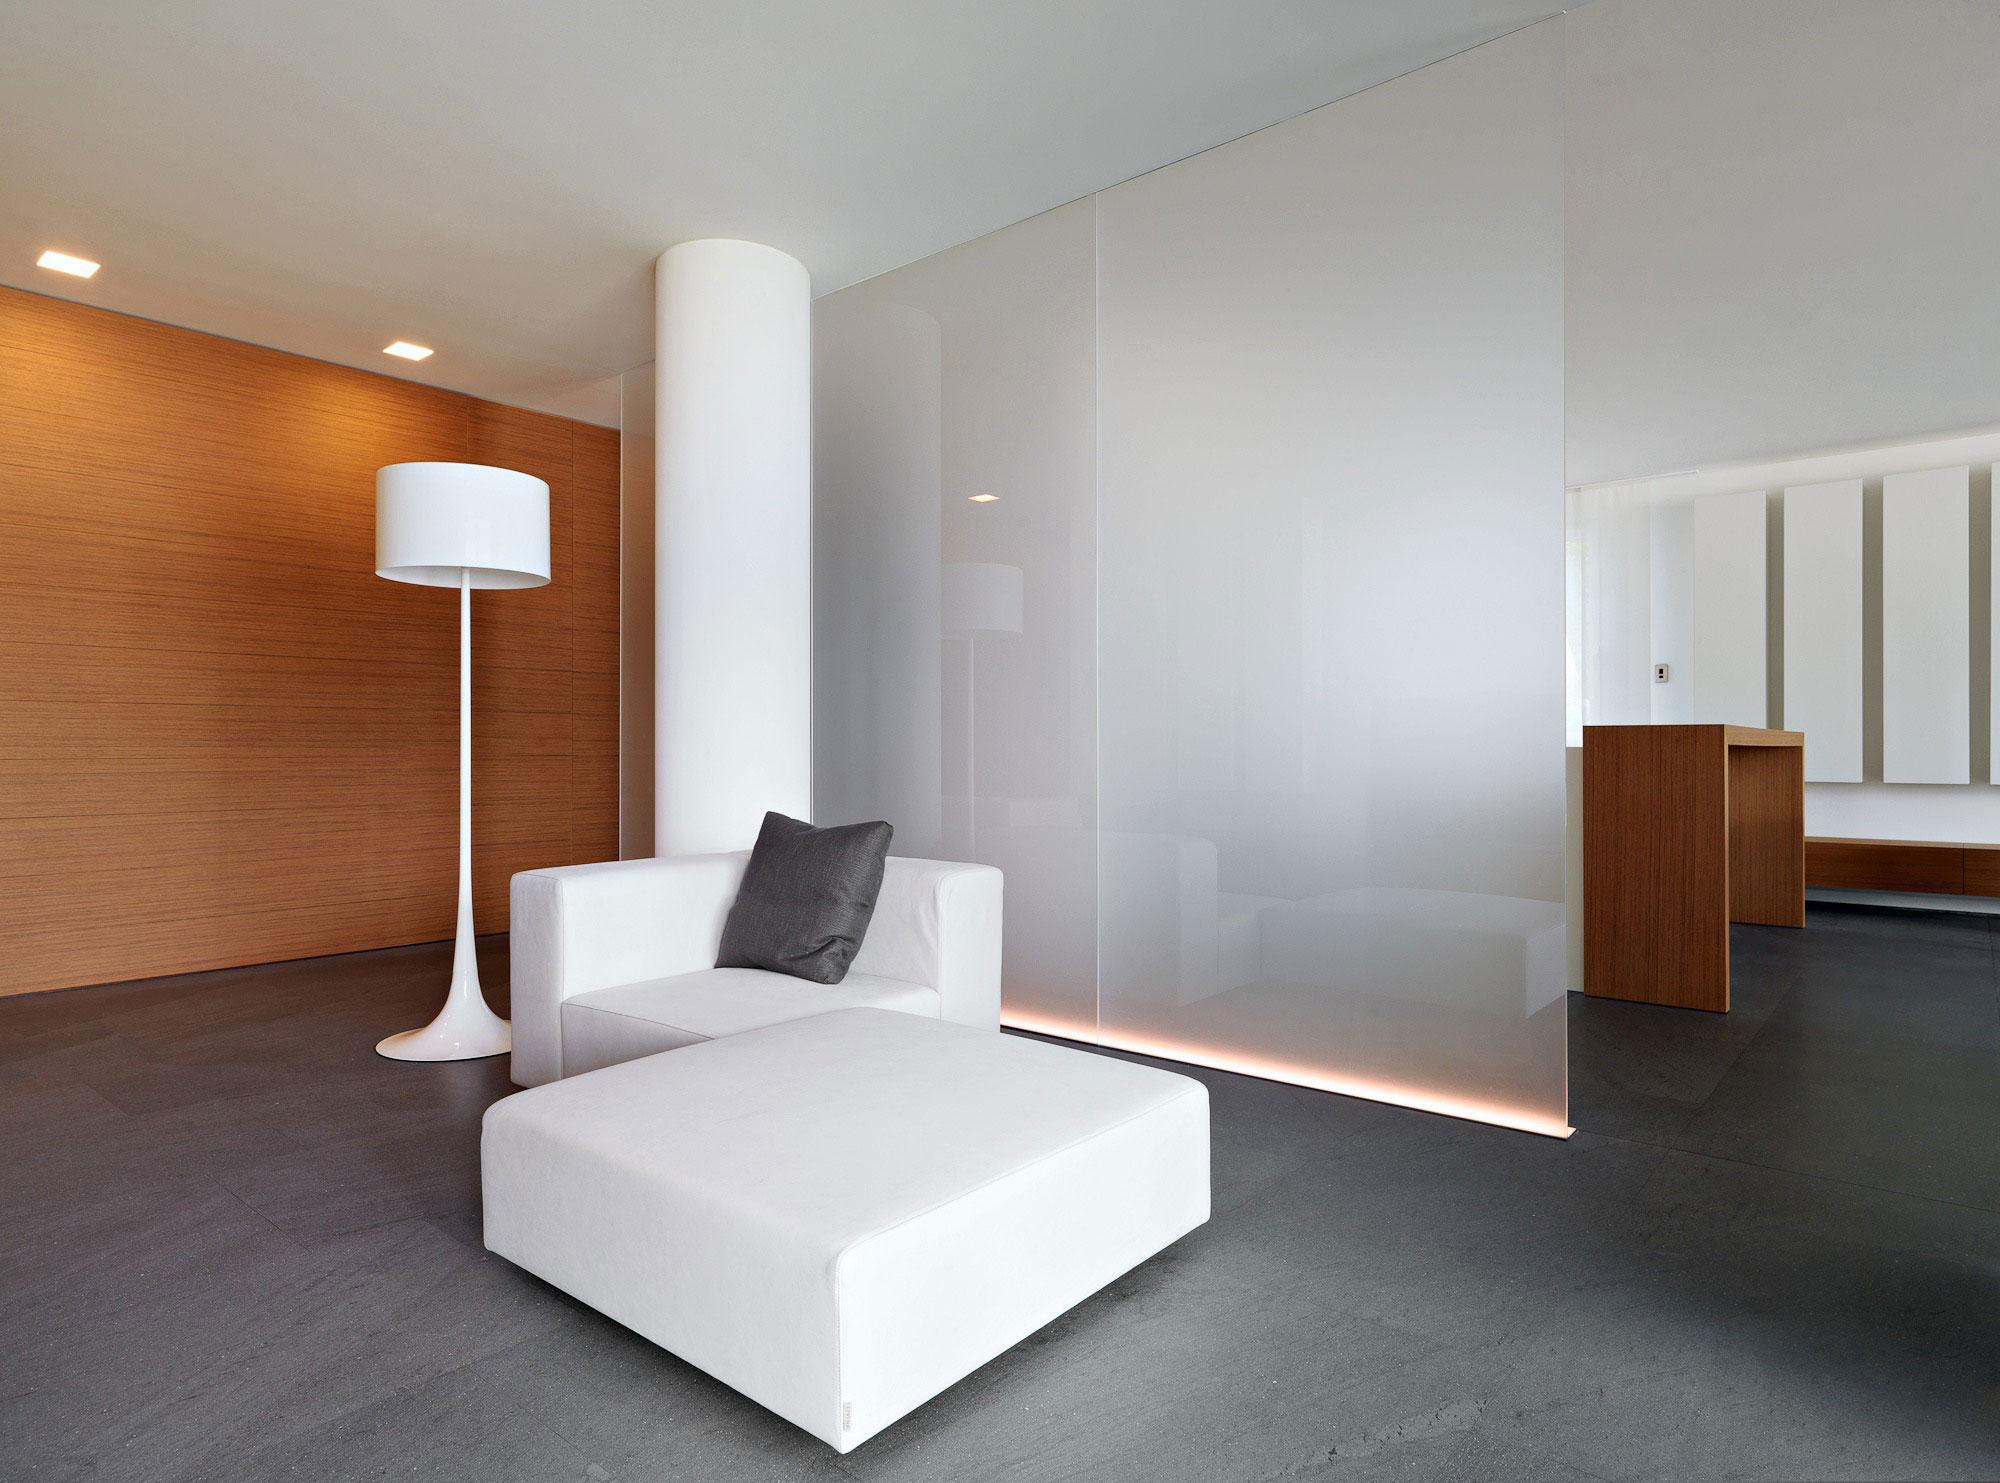 Space In Interior Design best interior design: 15 simple mode of interior design | graphic